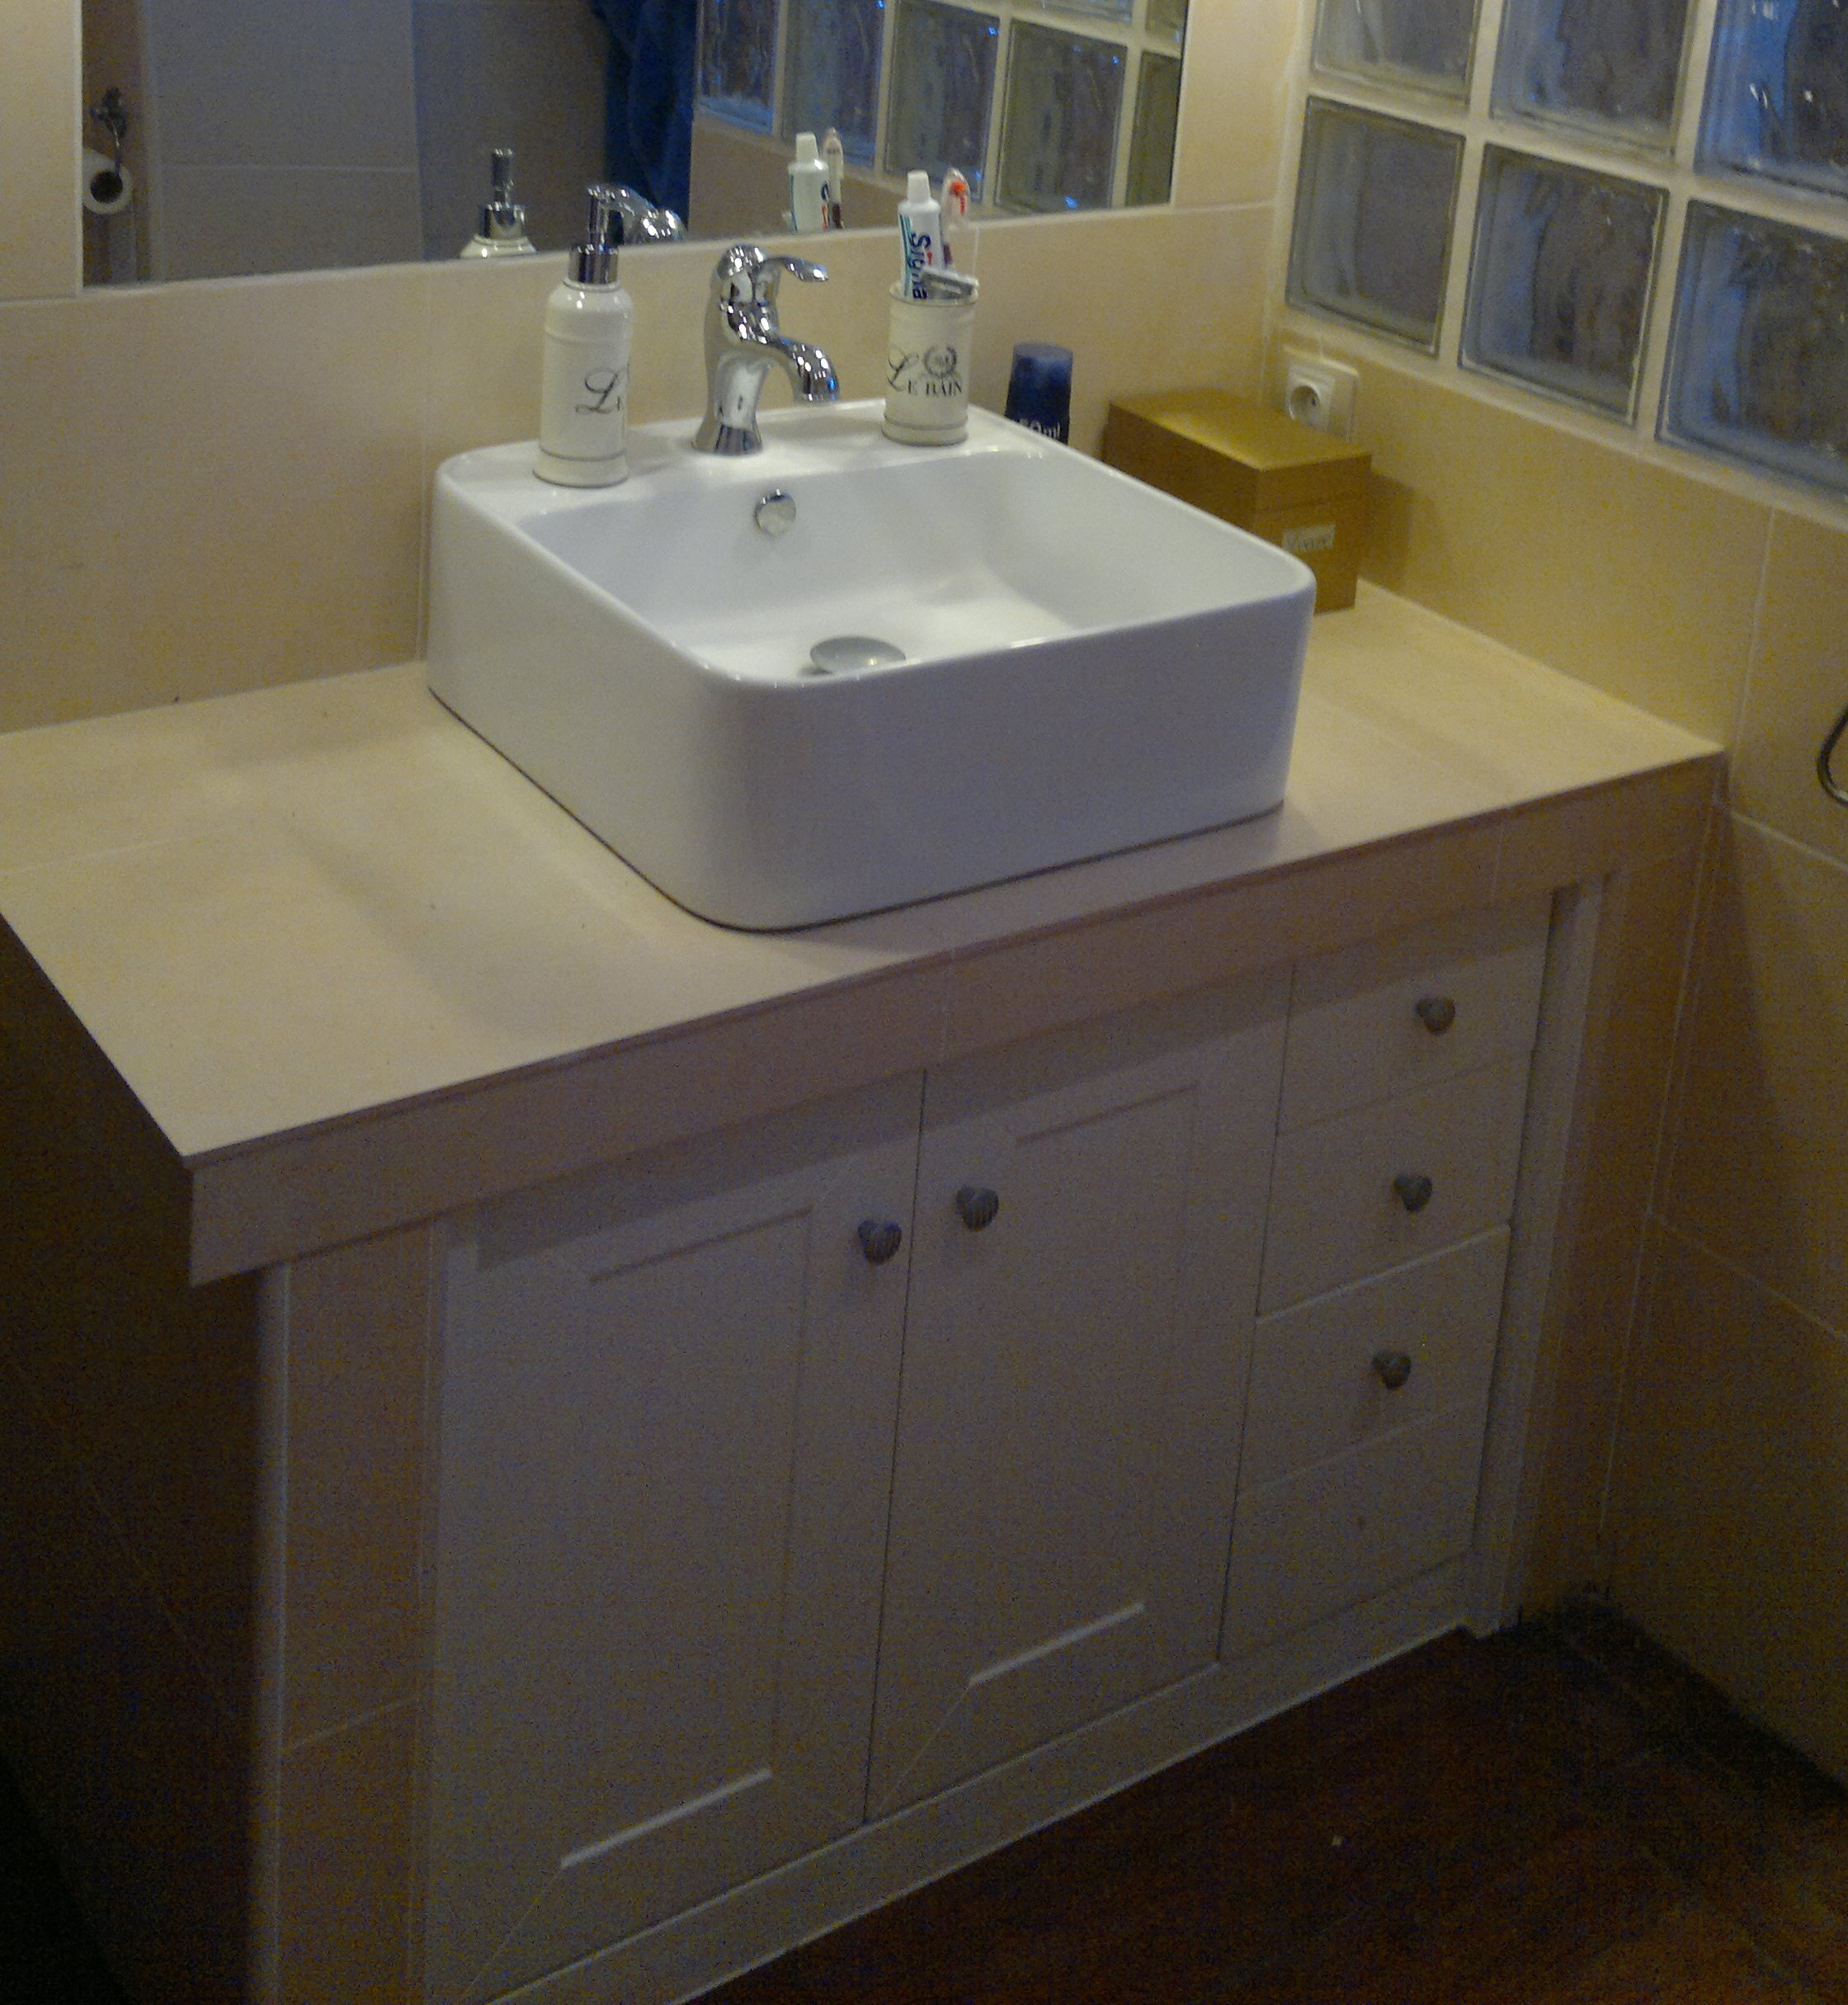 Reparar Mueble Lacado Blanco Top With Reparar Mueble Lacado  ~ Reparar Arañazos Muebles Lacados